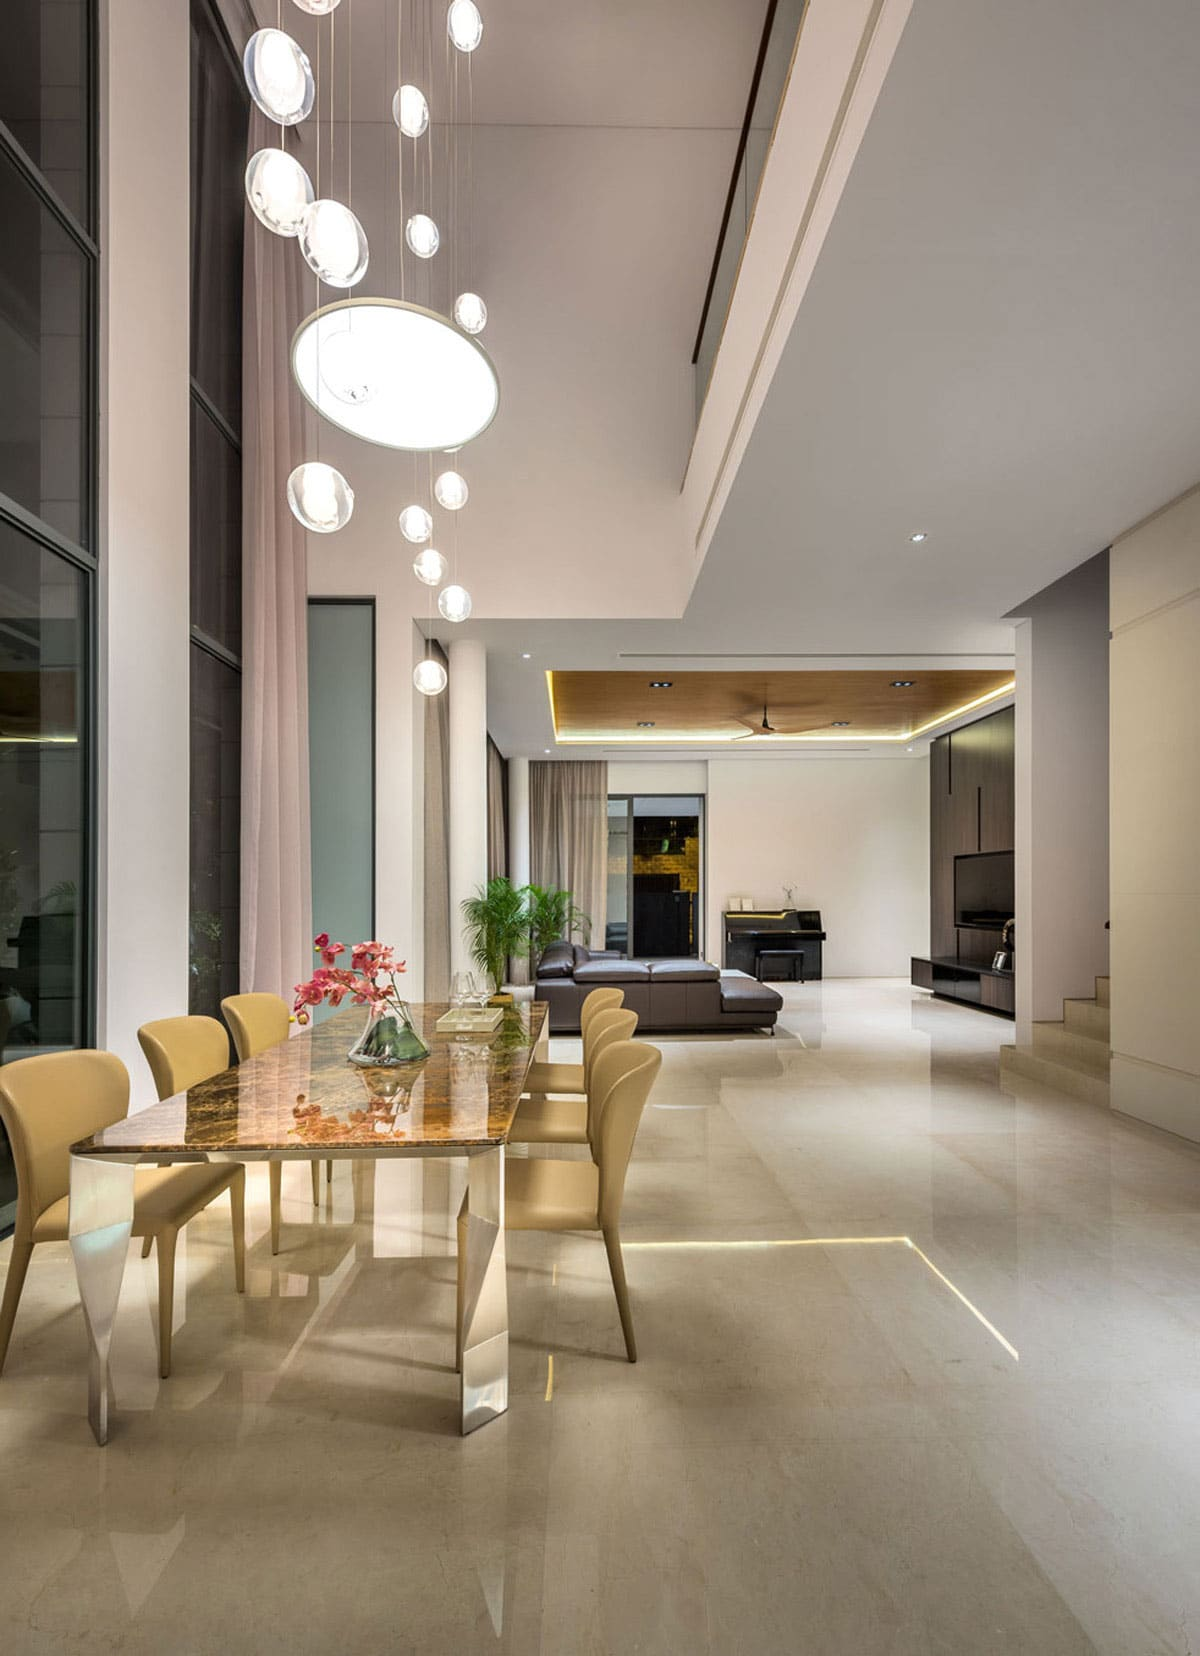 Dise o casa moderna tres pisos for Diseno de interiores de apartamentos modernos